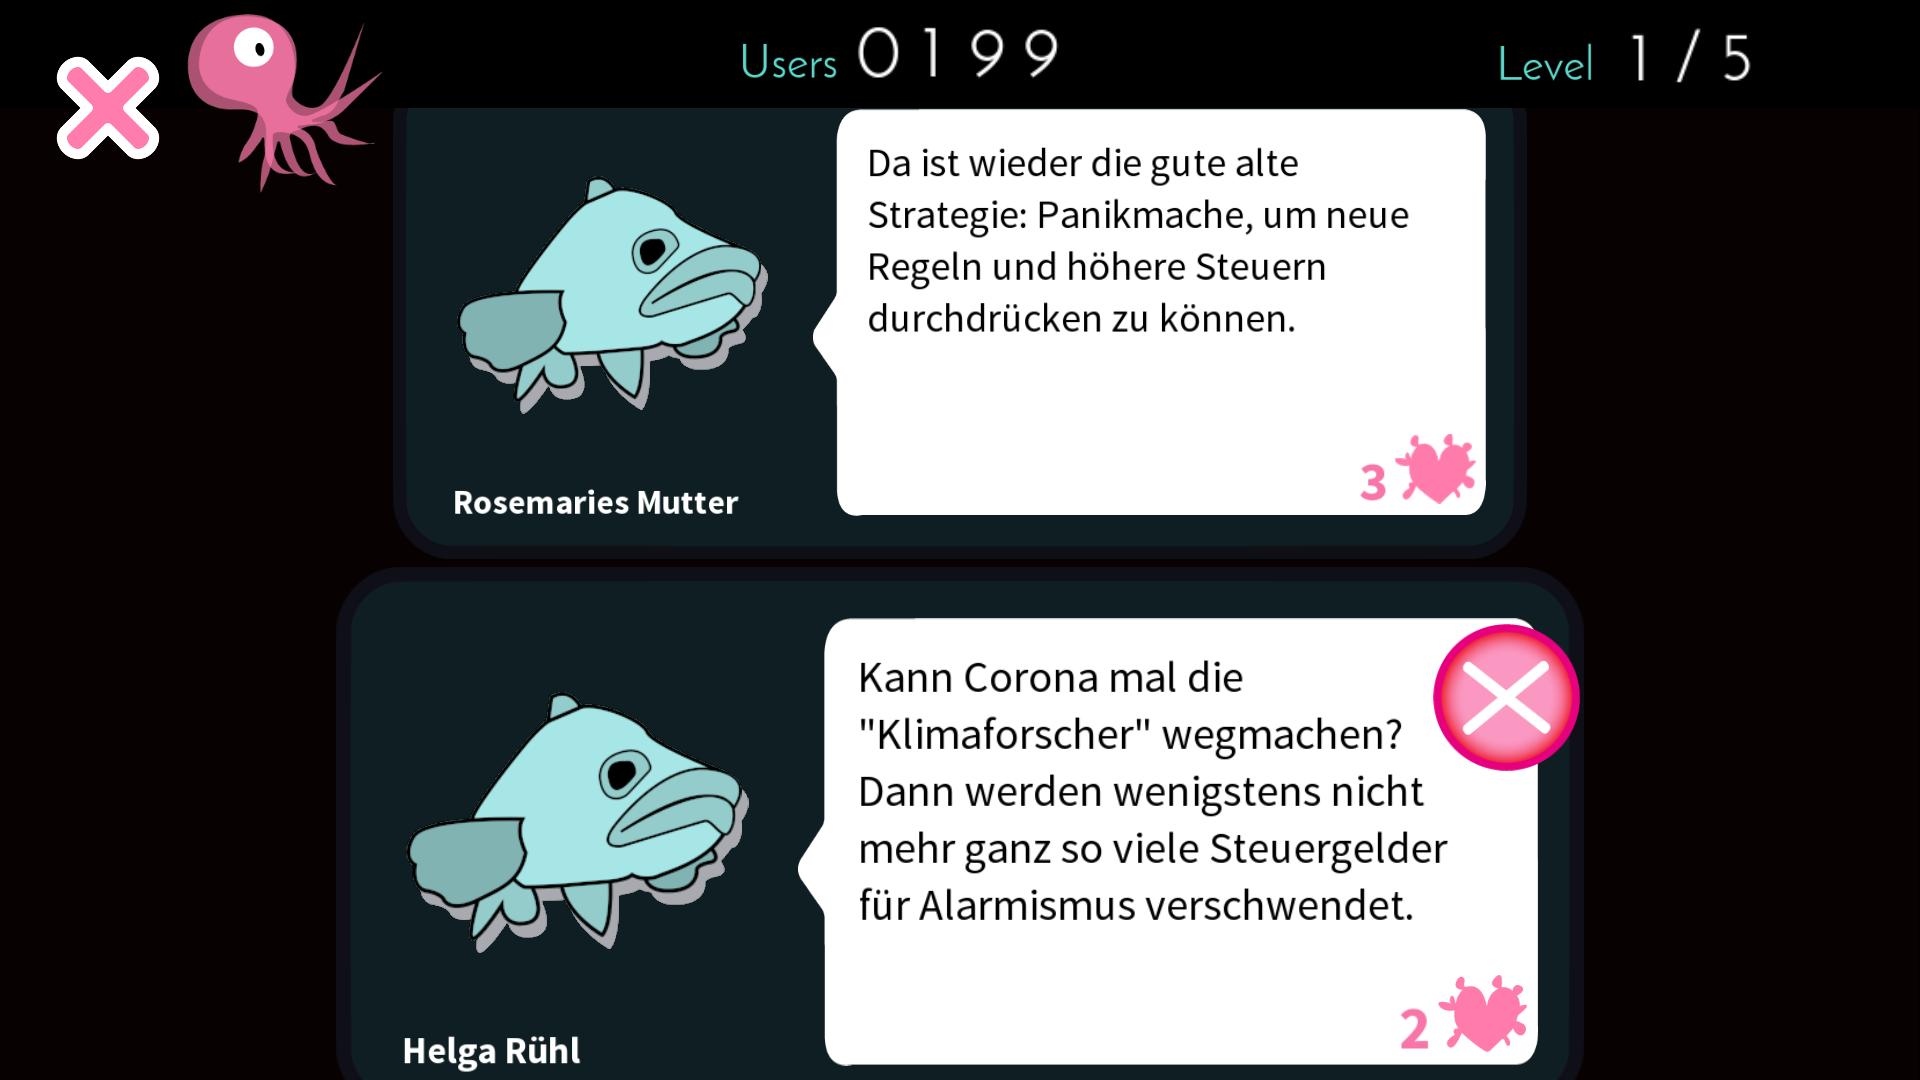 Kommentare in Moderate Cuddlefish